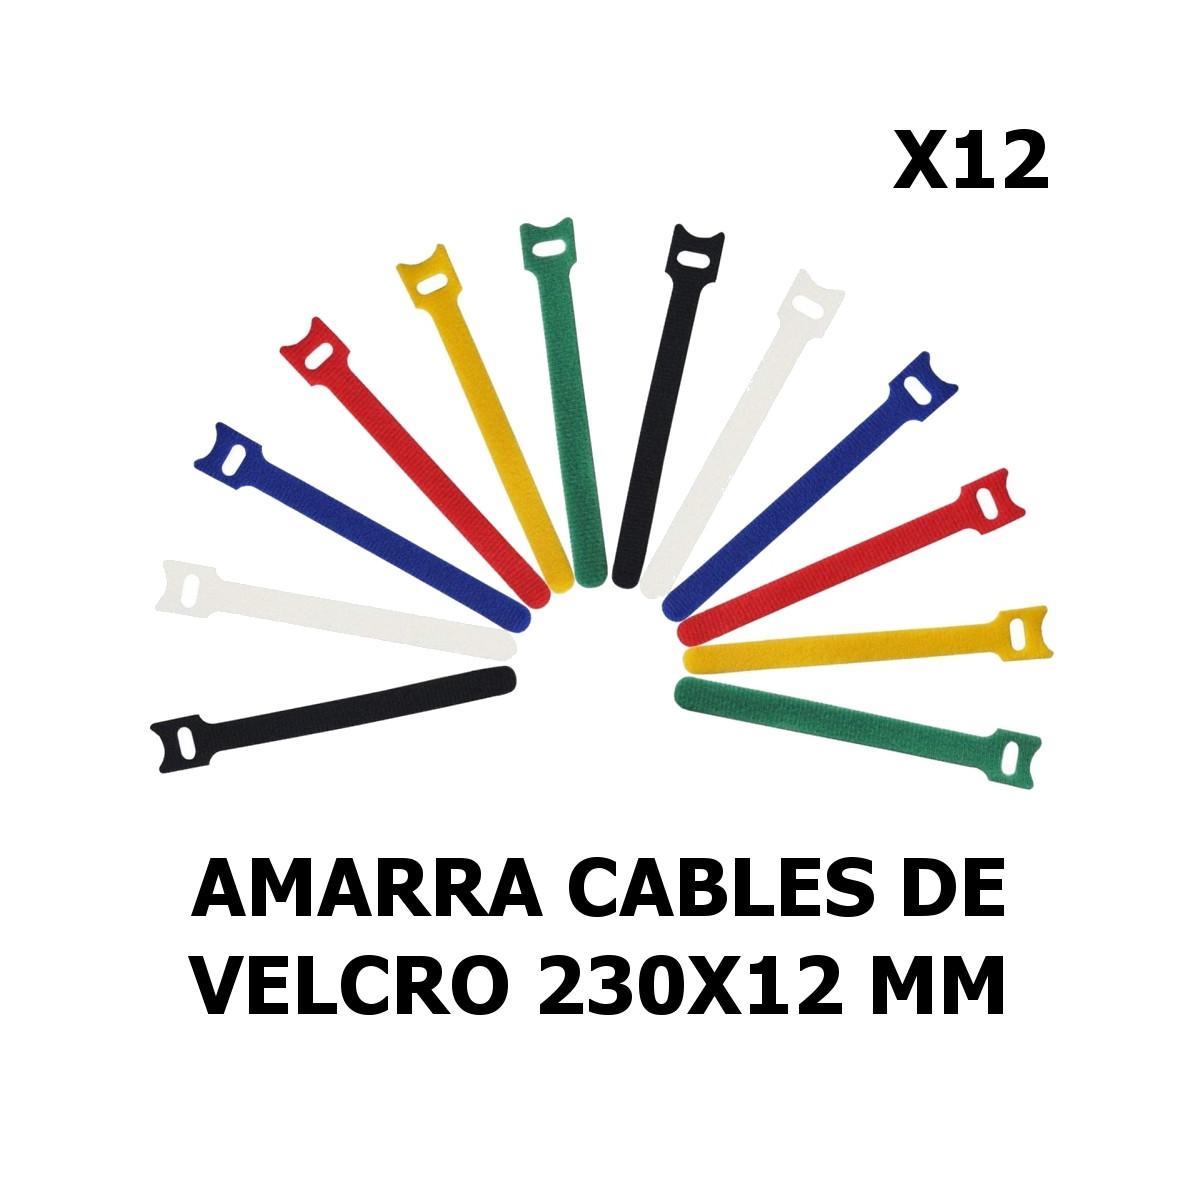 Amarra cables Velcro